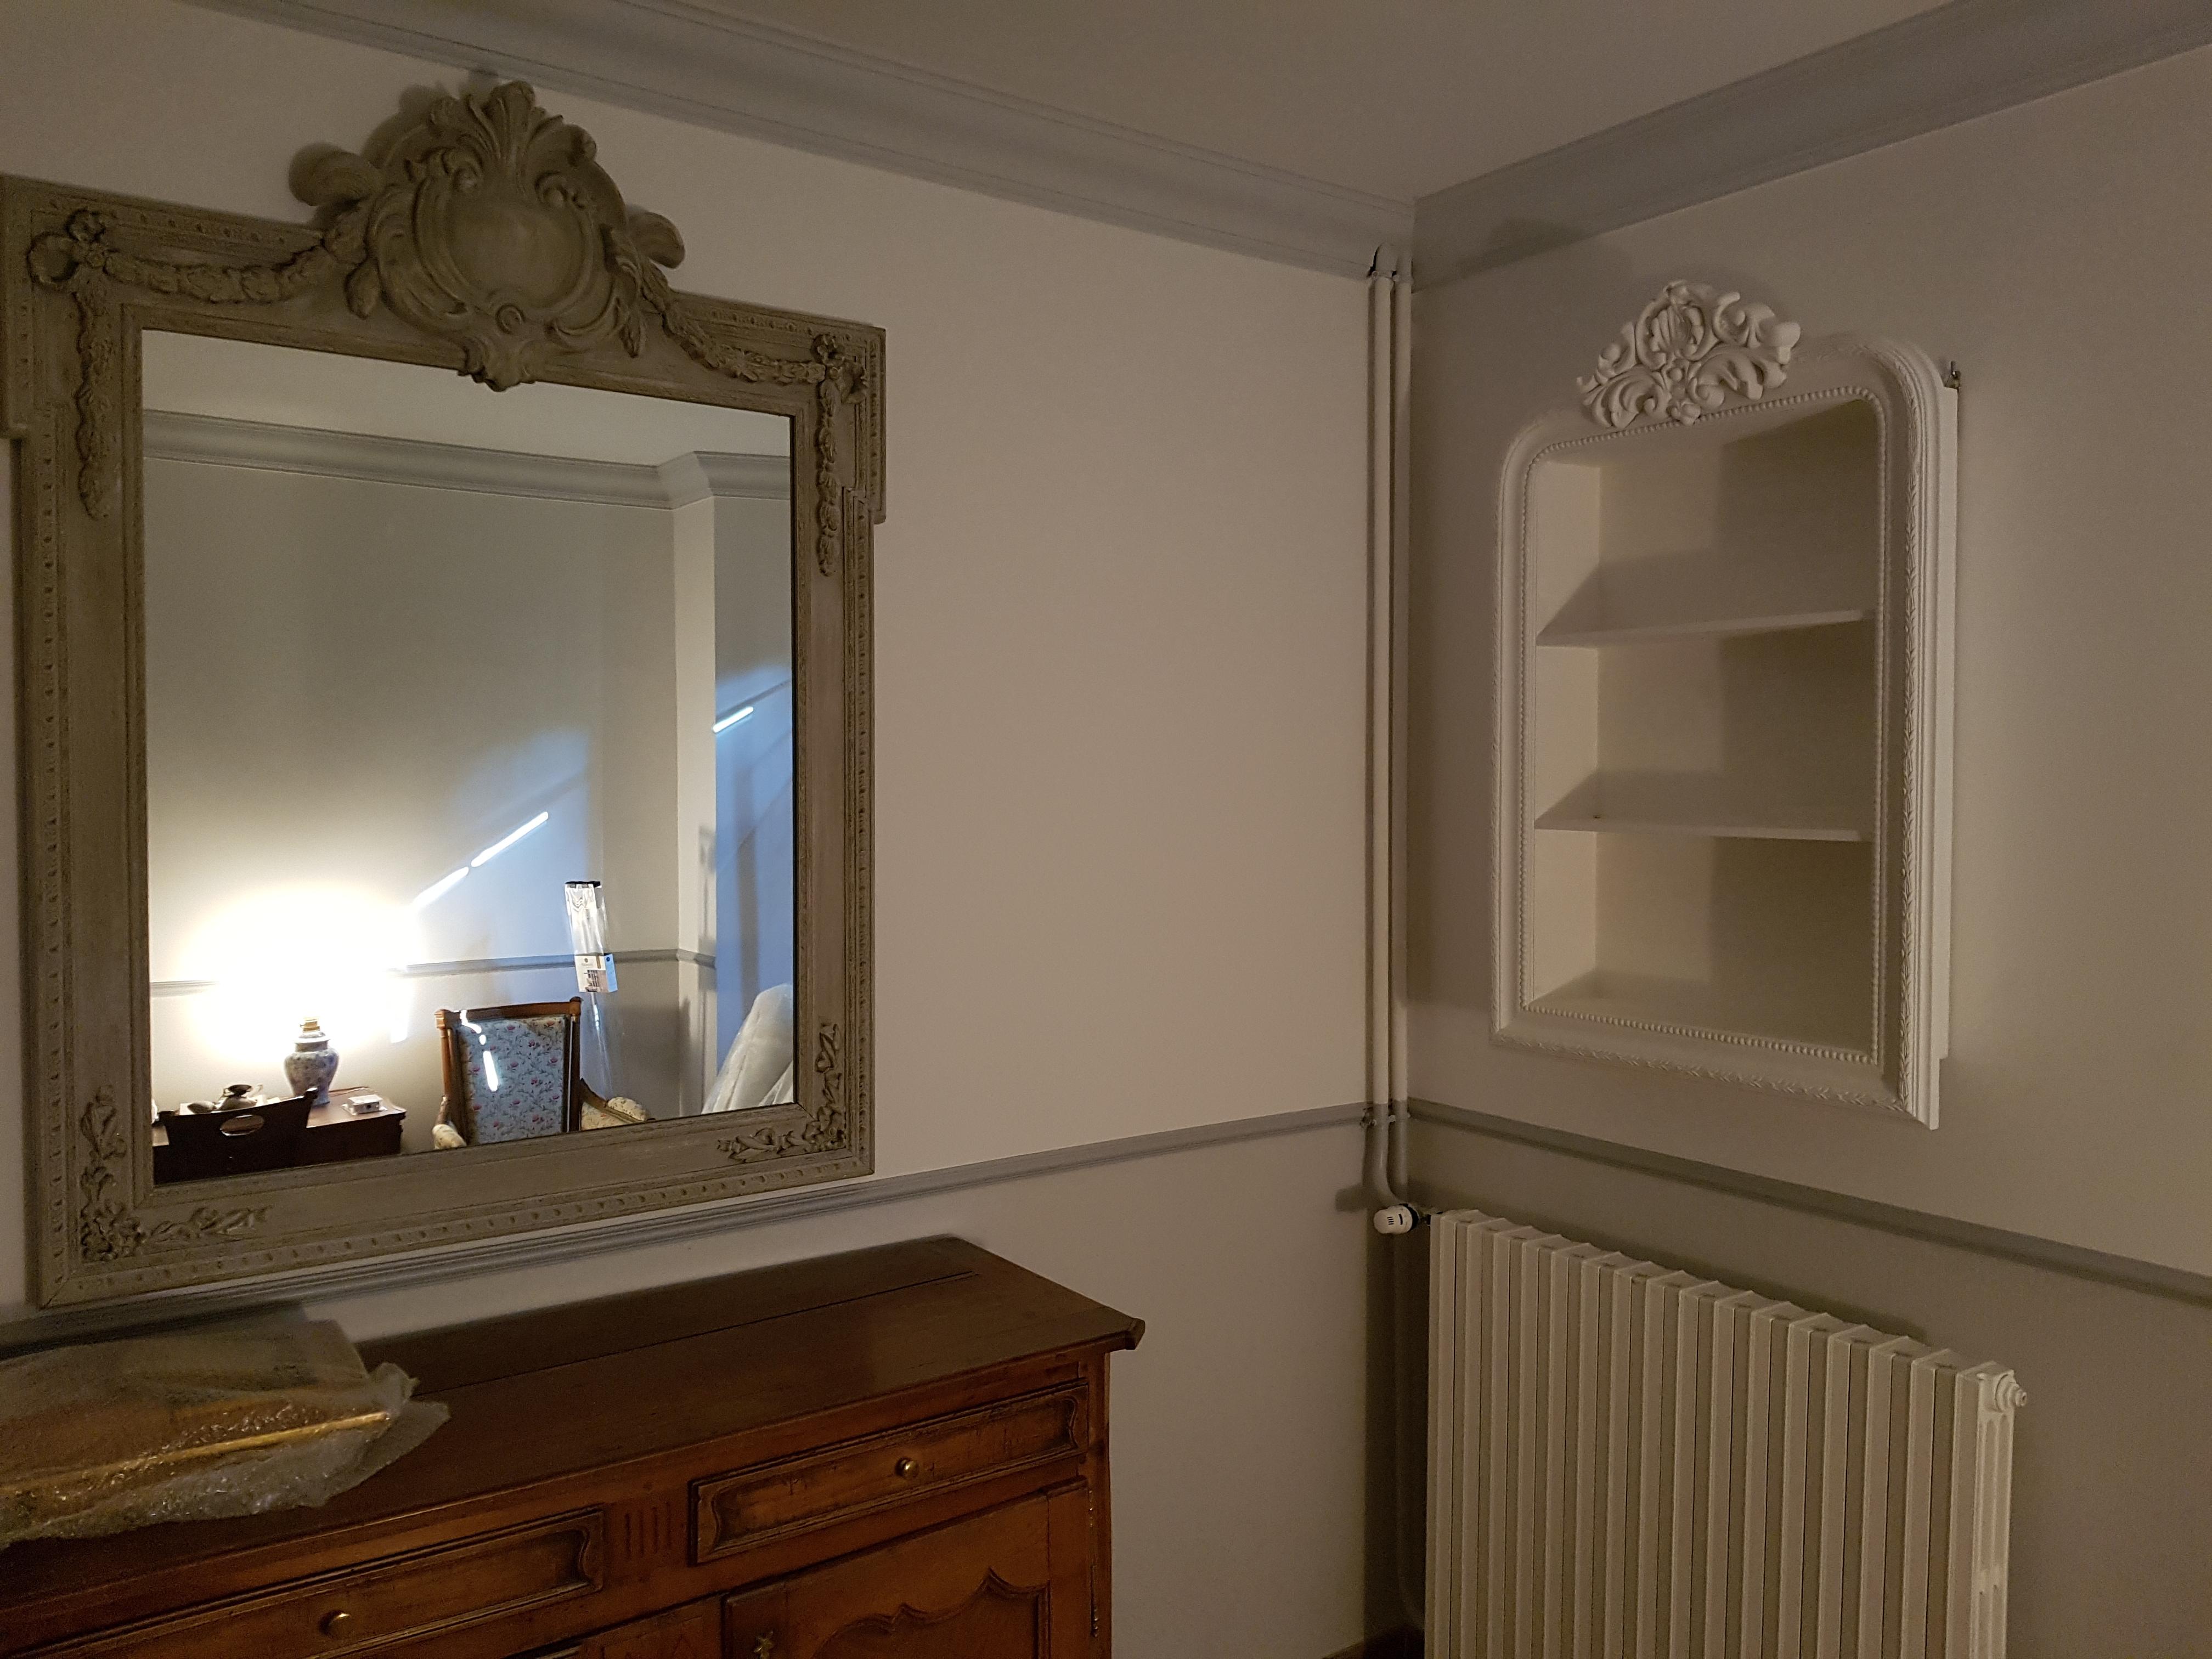 Installation de miroirs et étagères